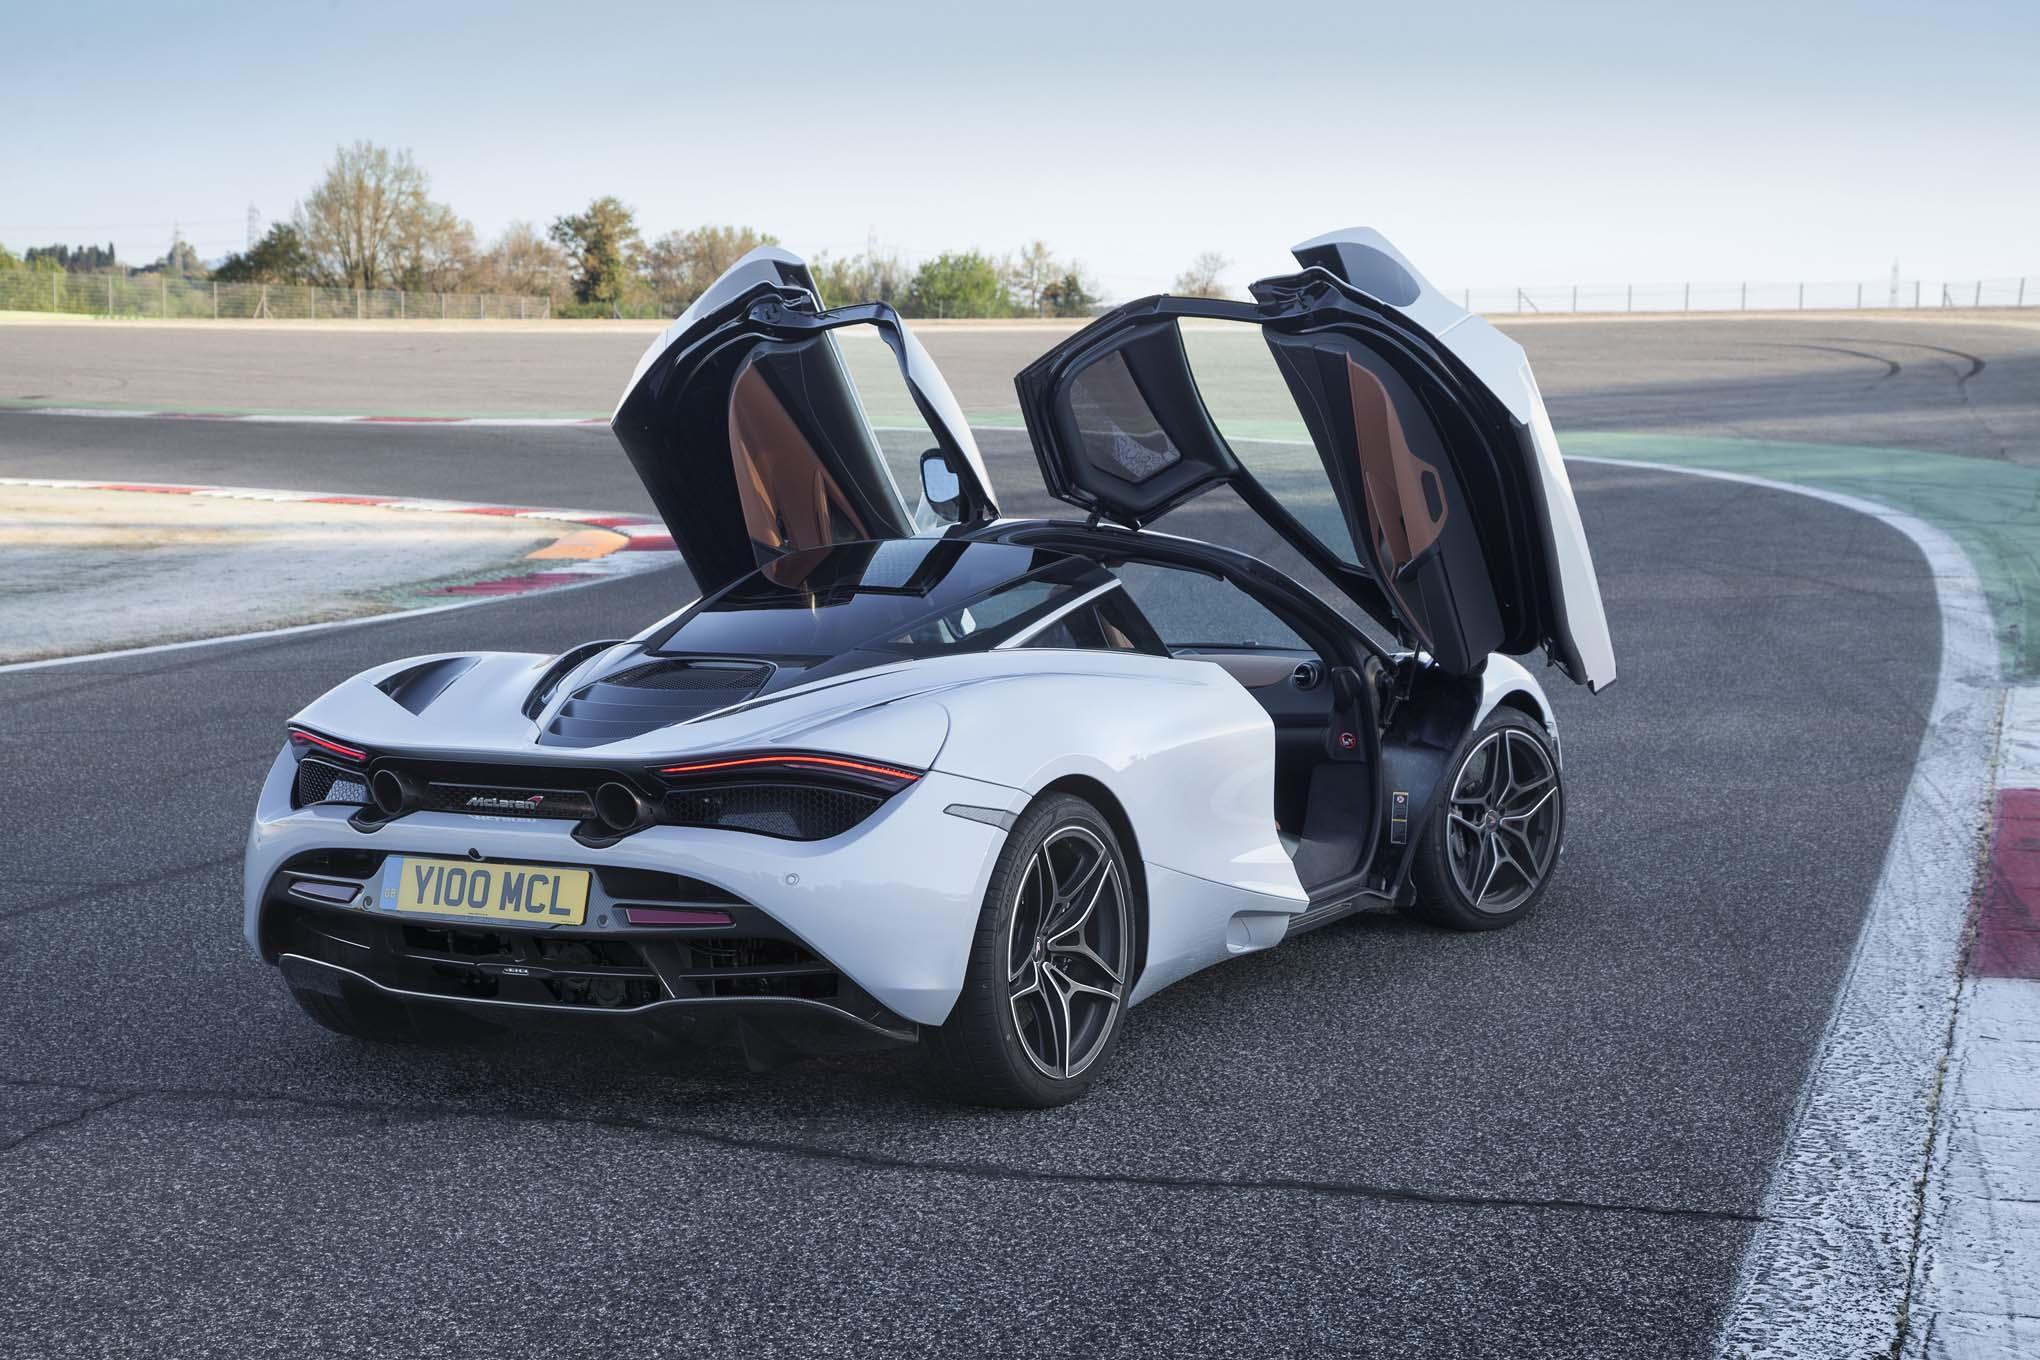 https://st.automobilemag.com/uploads/sites/11/2017/05/2018-McLaren-720S-rear-three-quarters-doors-open-02.jpg